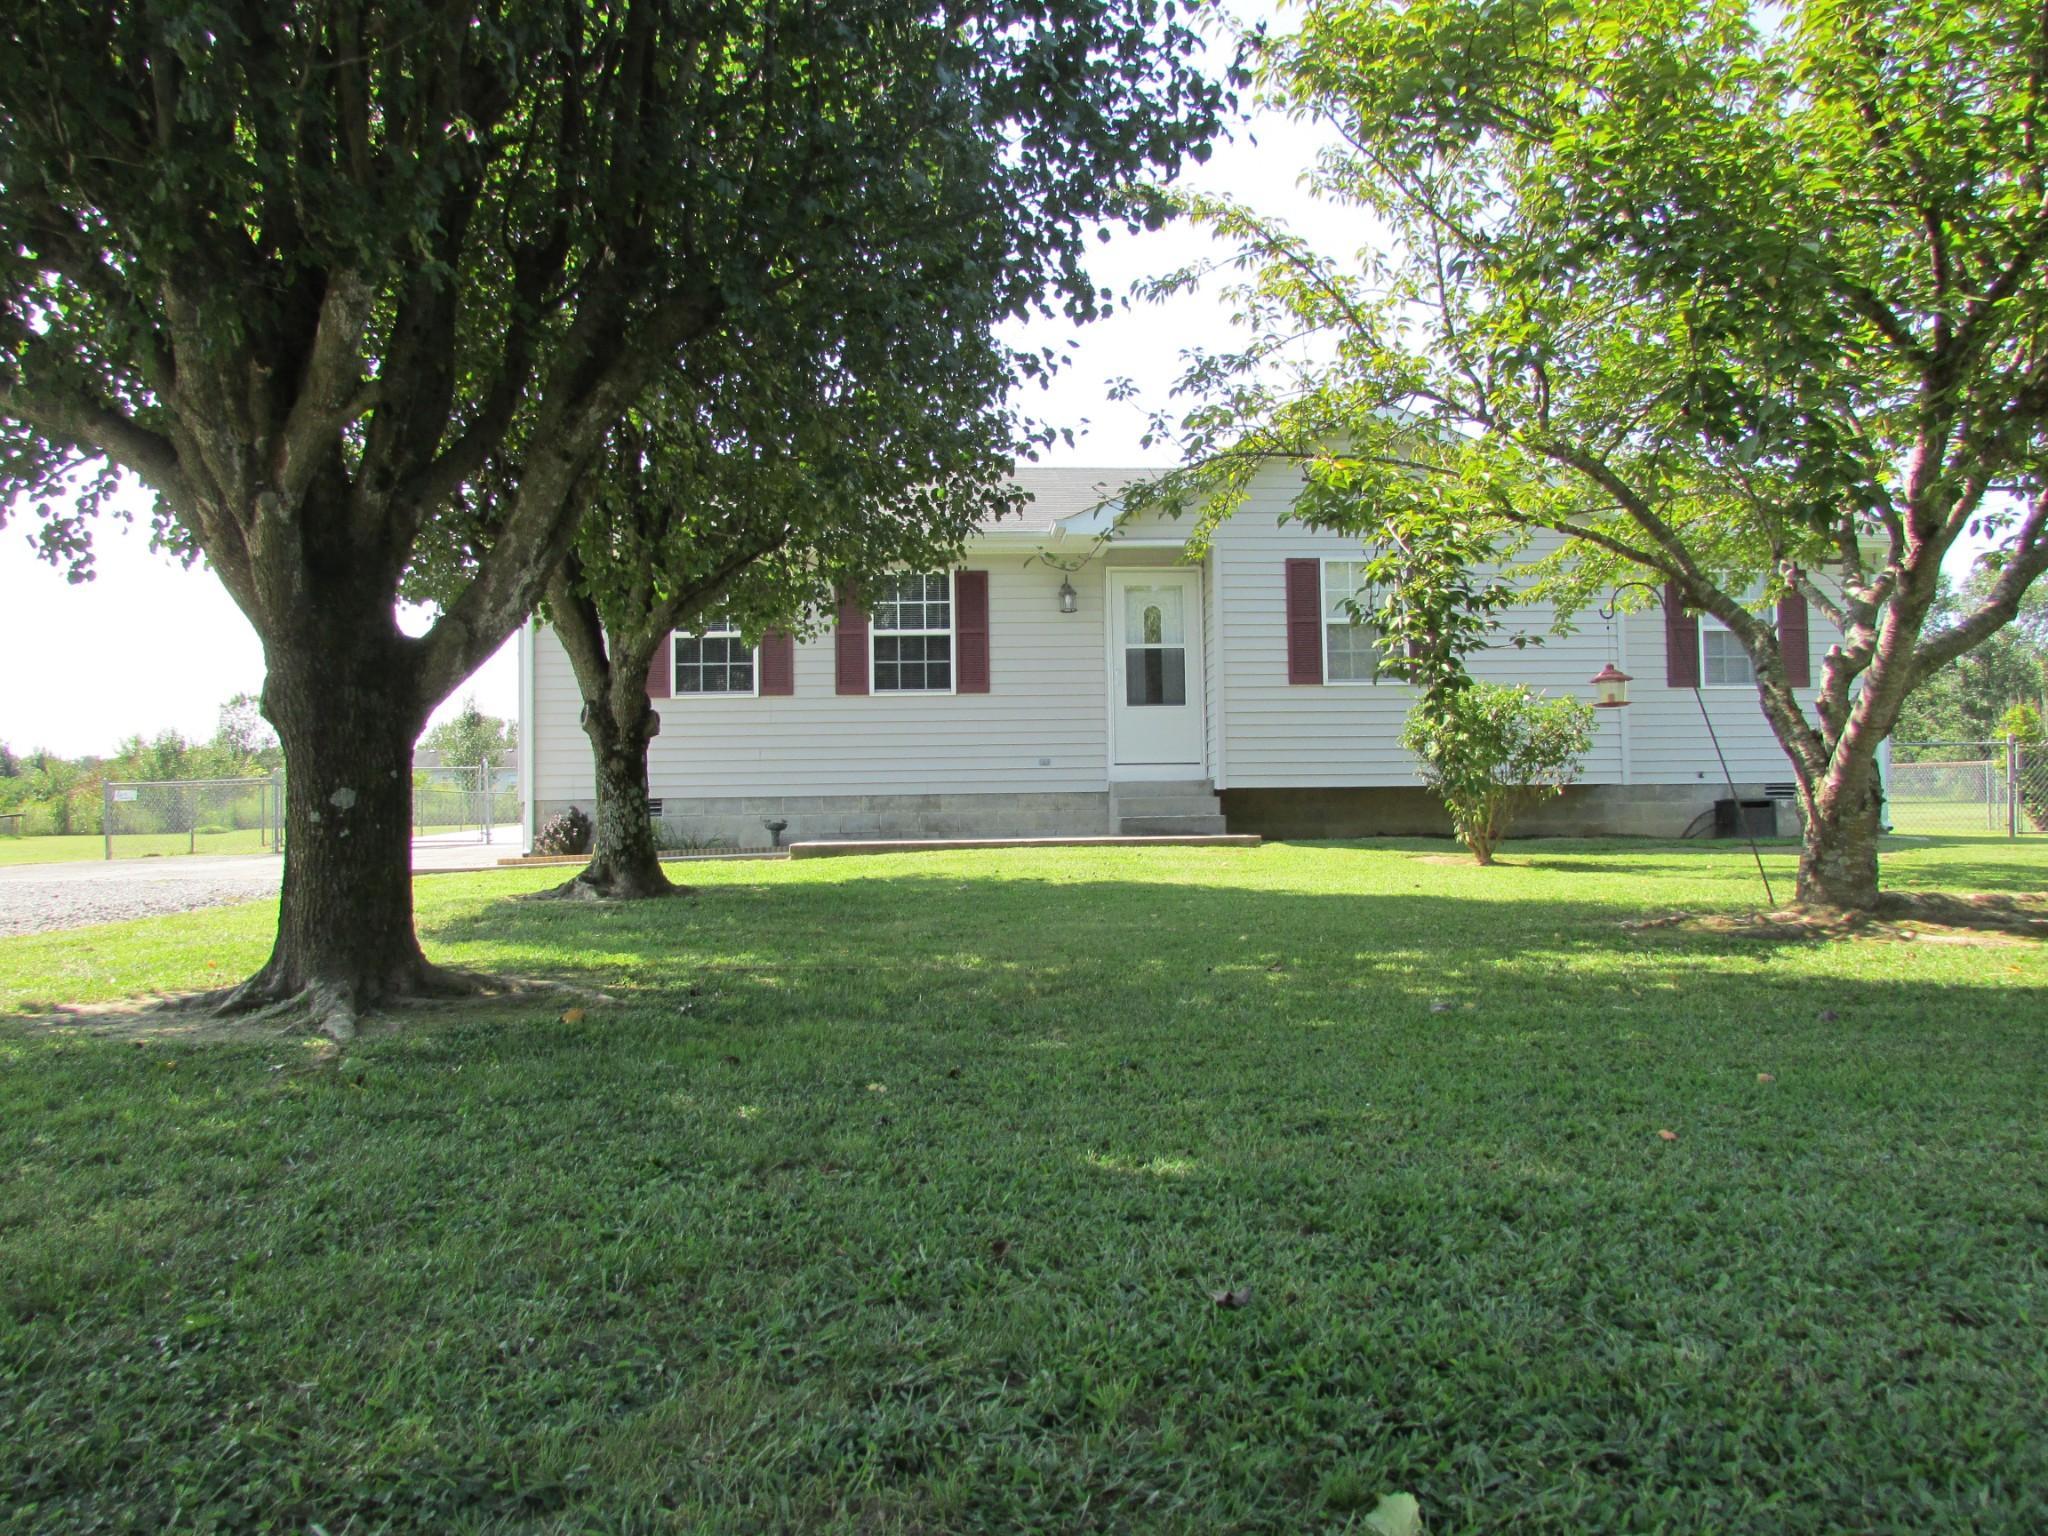 141 N E St Property Photo - Hillsboro, TN real estate listing